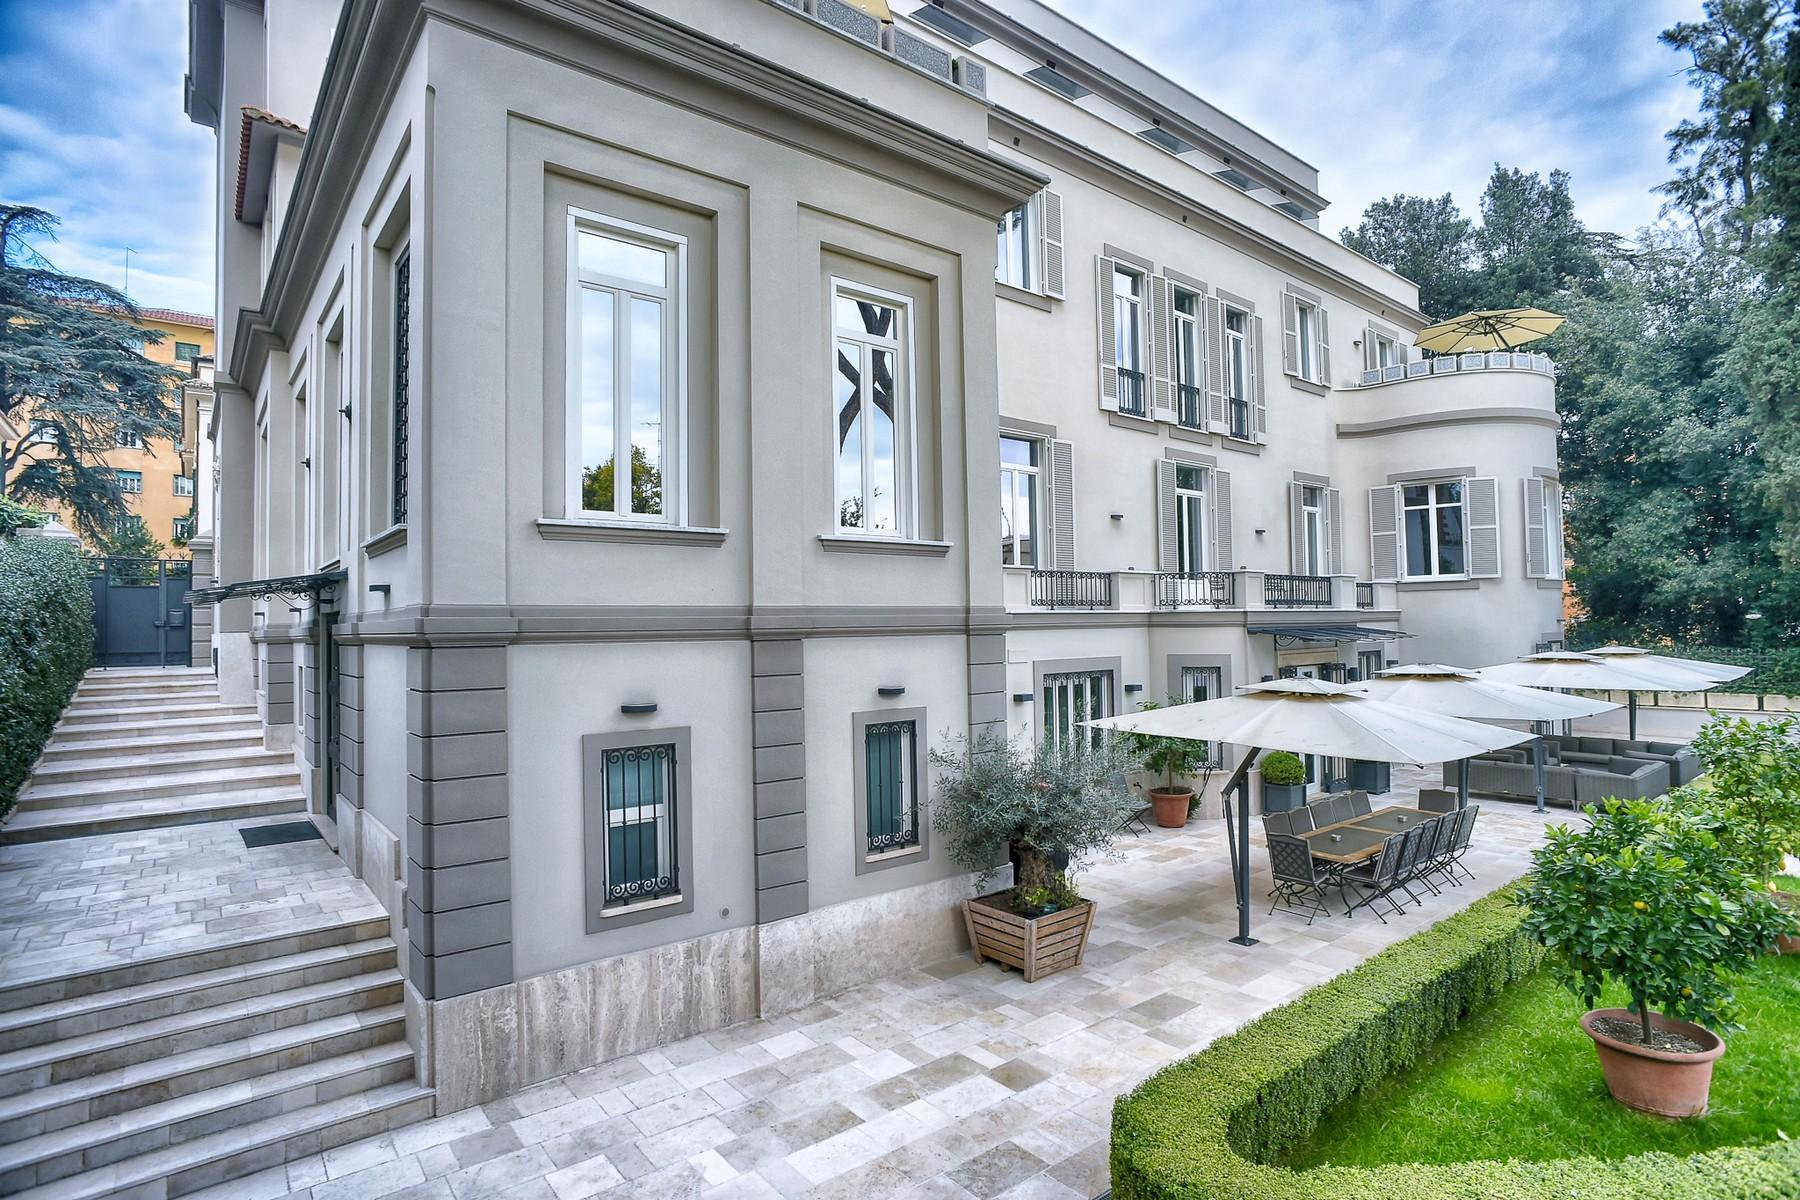 绿色罗马市中心内富有格调和风格的别墅 - 4